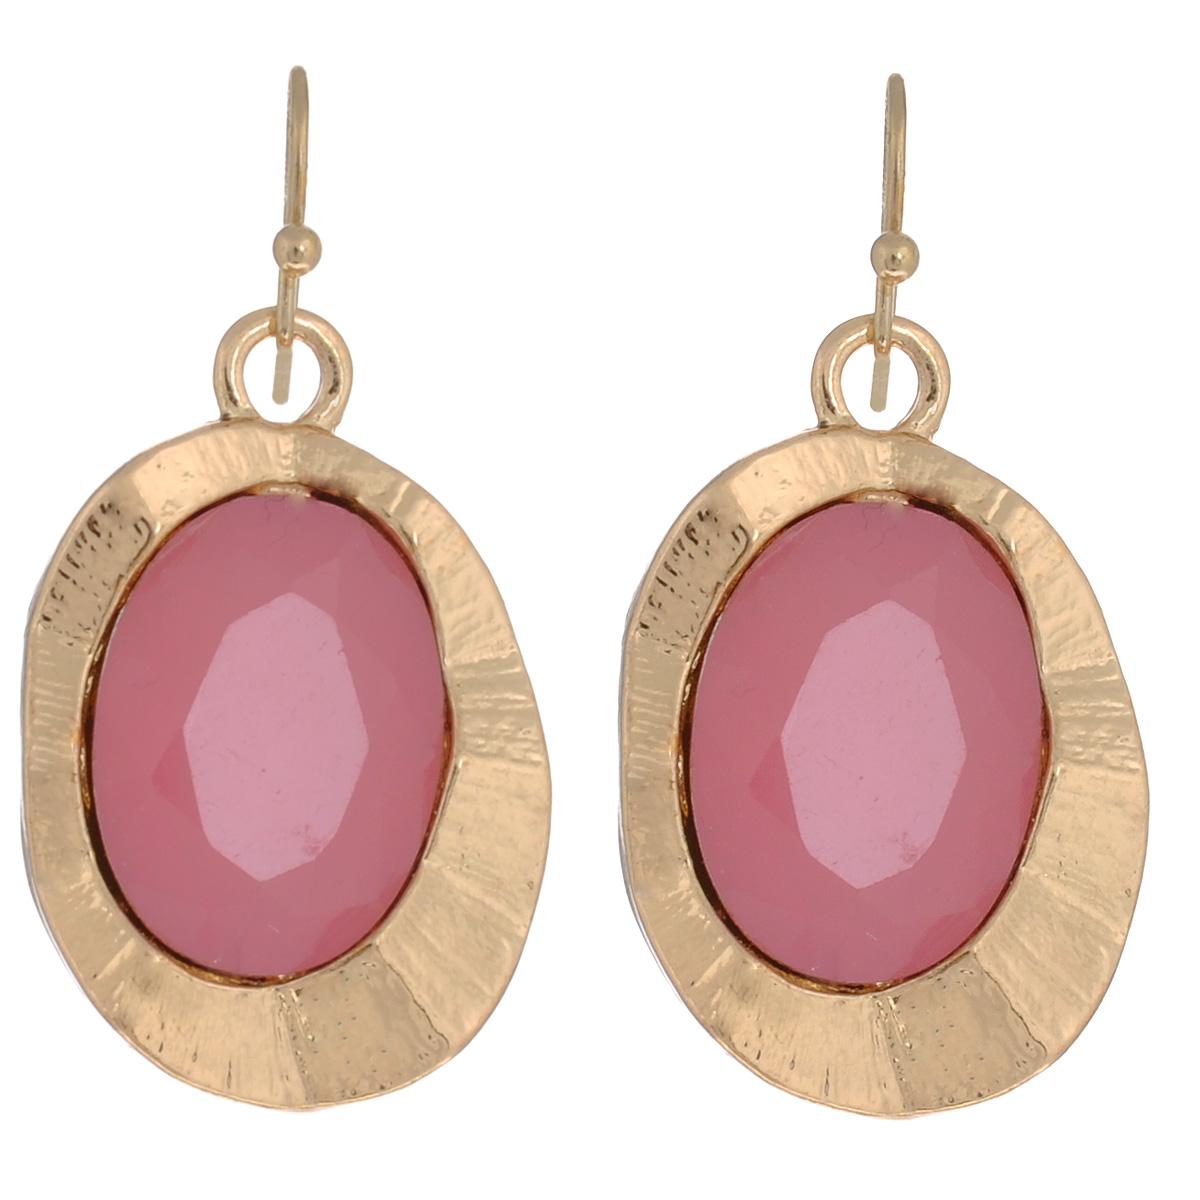 Серьги Avgad, цвет: золотистый, розовый. EA178JW118Серьги с подвескамиВеликолепные серьги Avgad, изготовленные из ювелирного сплава, декорированы дополнительным элементом из акрила. Оригинальный дизайн изделий придадут вашему образу изюминку, подчеркнут красоту или преобразят повседневный наряд. Застегиваются на замок-петлю.Такие серьги позволит вам с легкостью воплотить самую смелую фантазию и создать собственный, неповторимый образ.